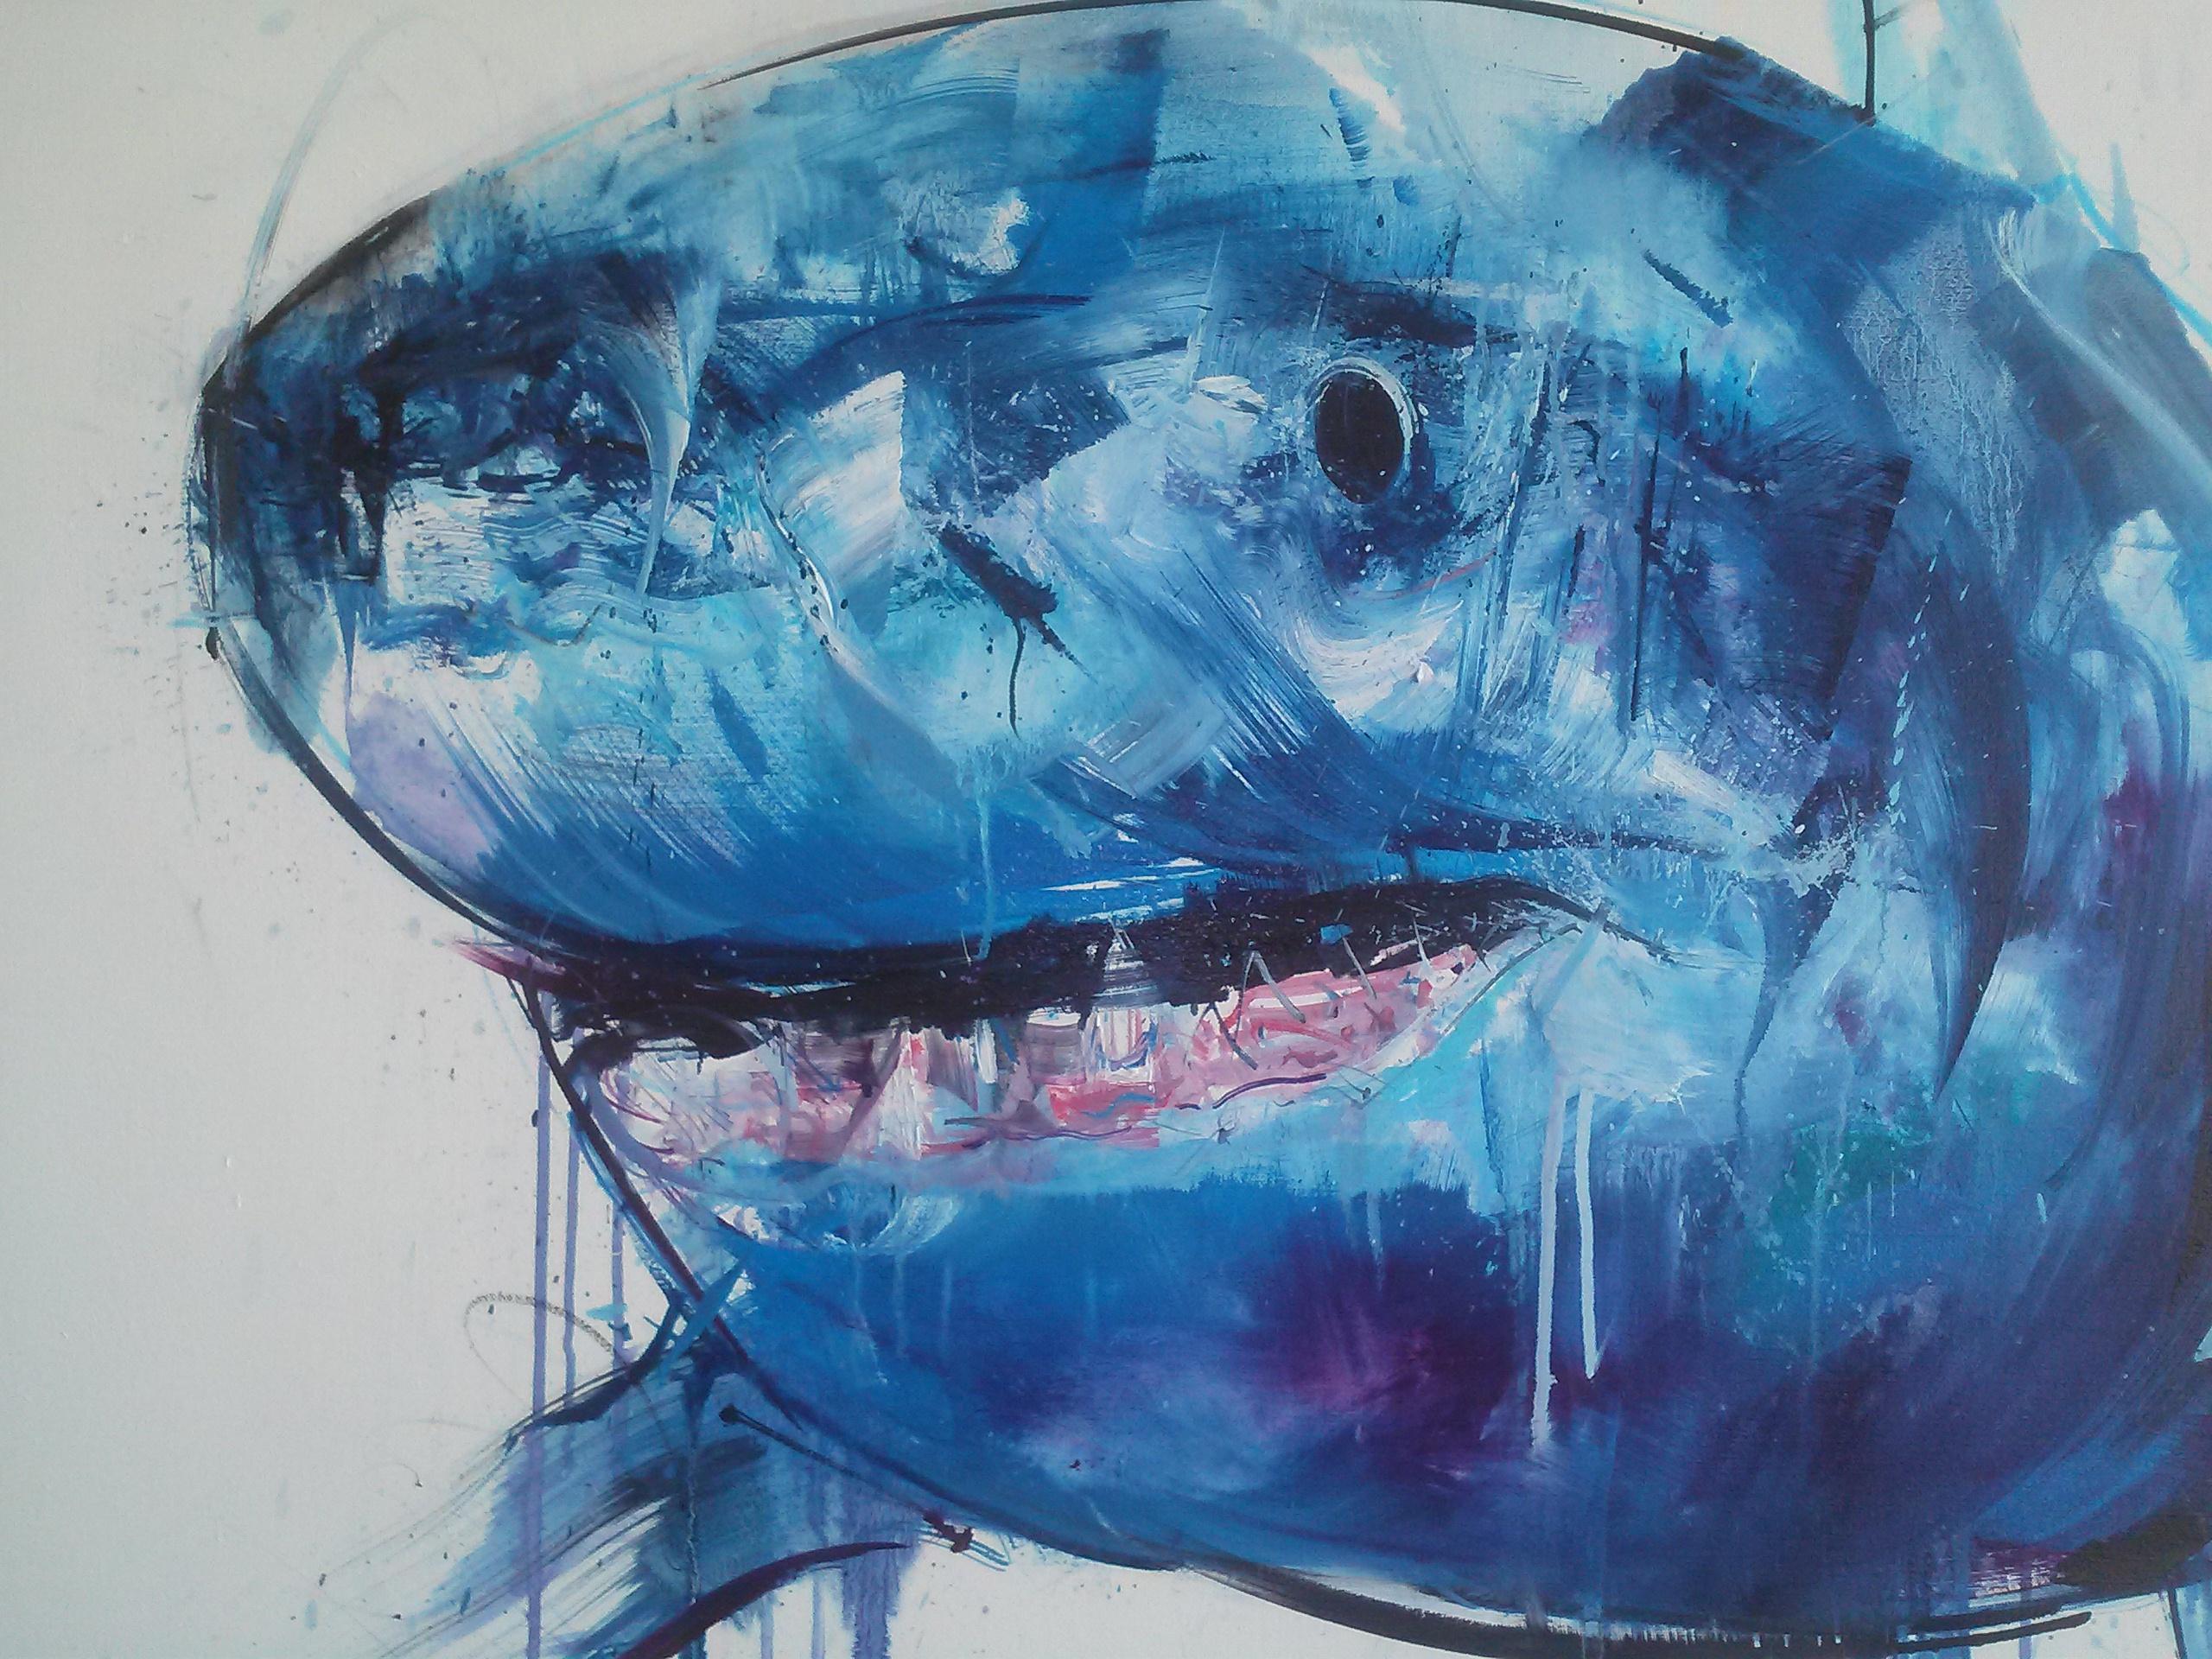 Ed Ruscha Art Shark Dreams